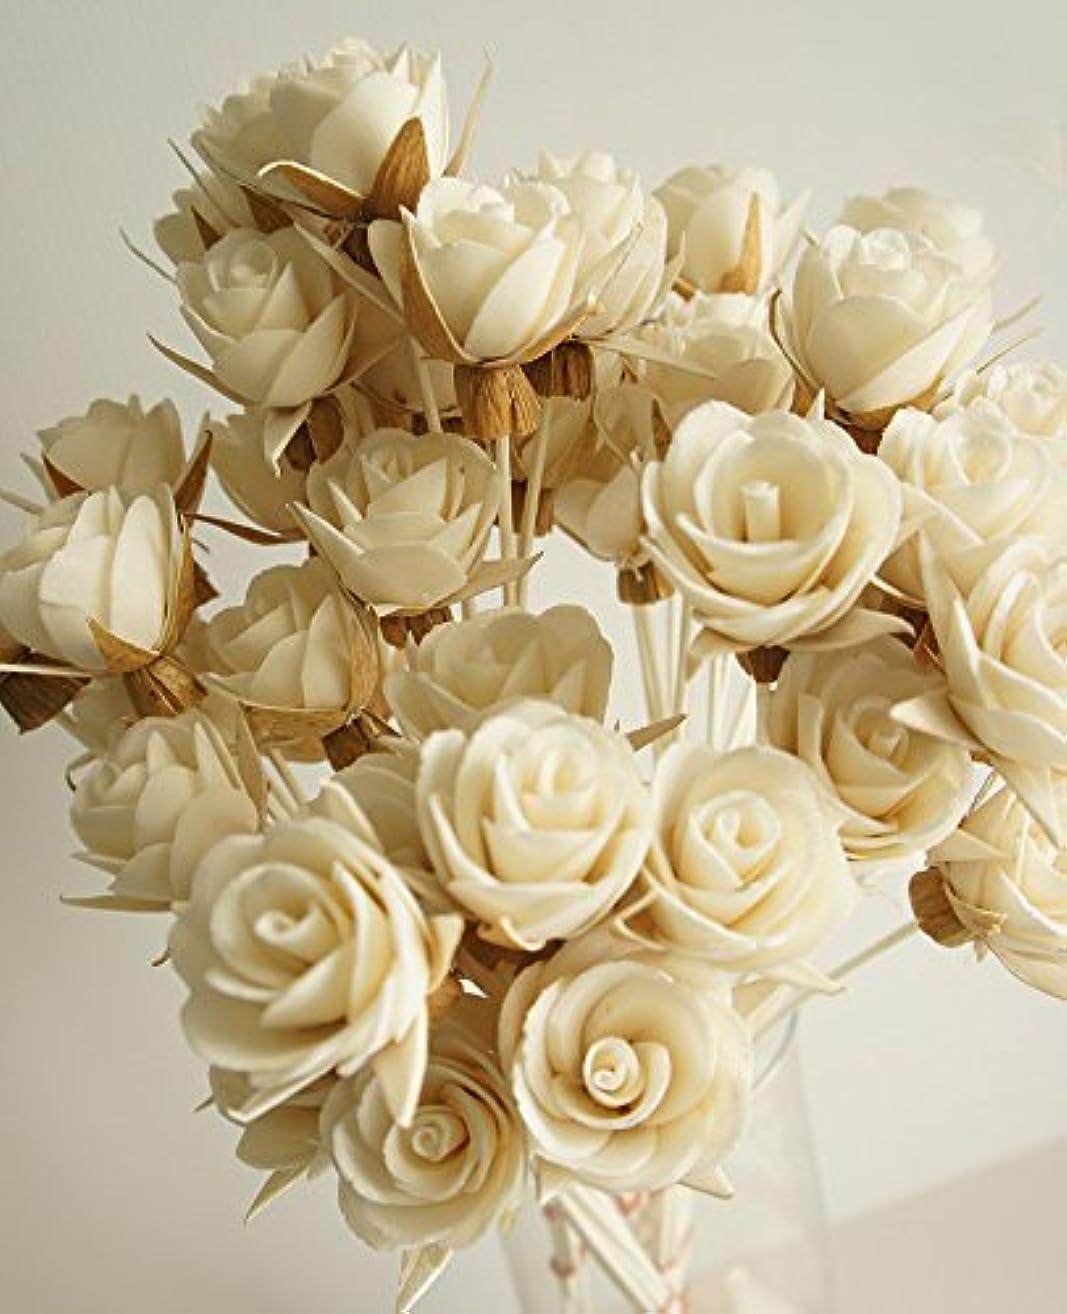 闘争センチメンタル侵入するエキゾチックエレガンスのセット50ローズデザインSola Flowerスティックfor Aroma Diffuser直径1.5。」